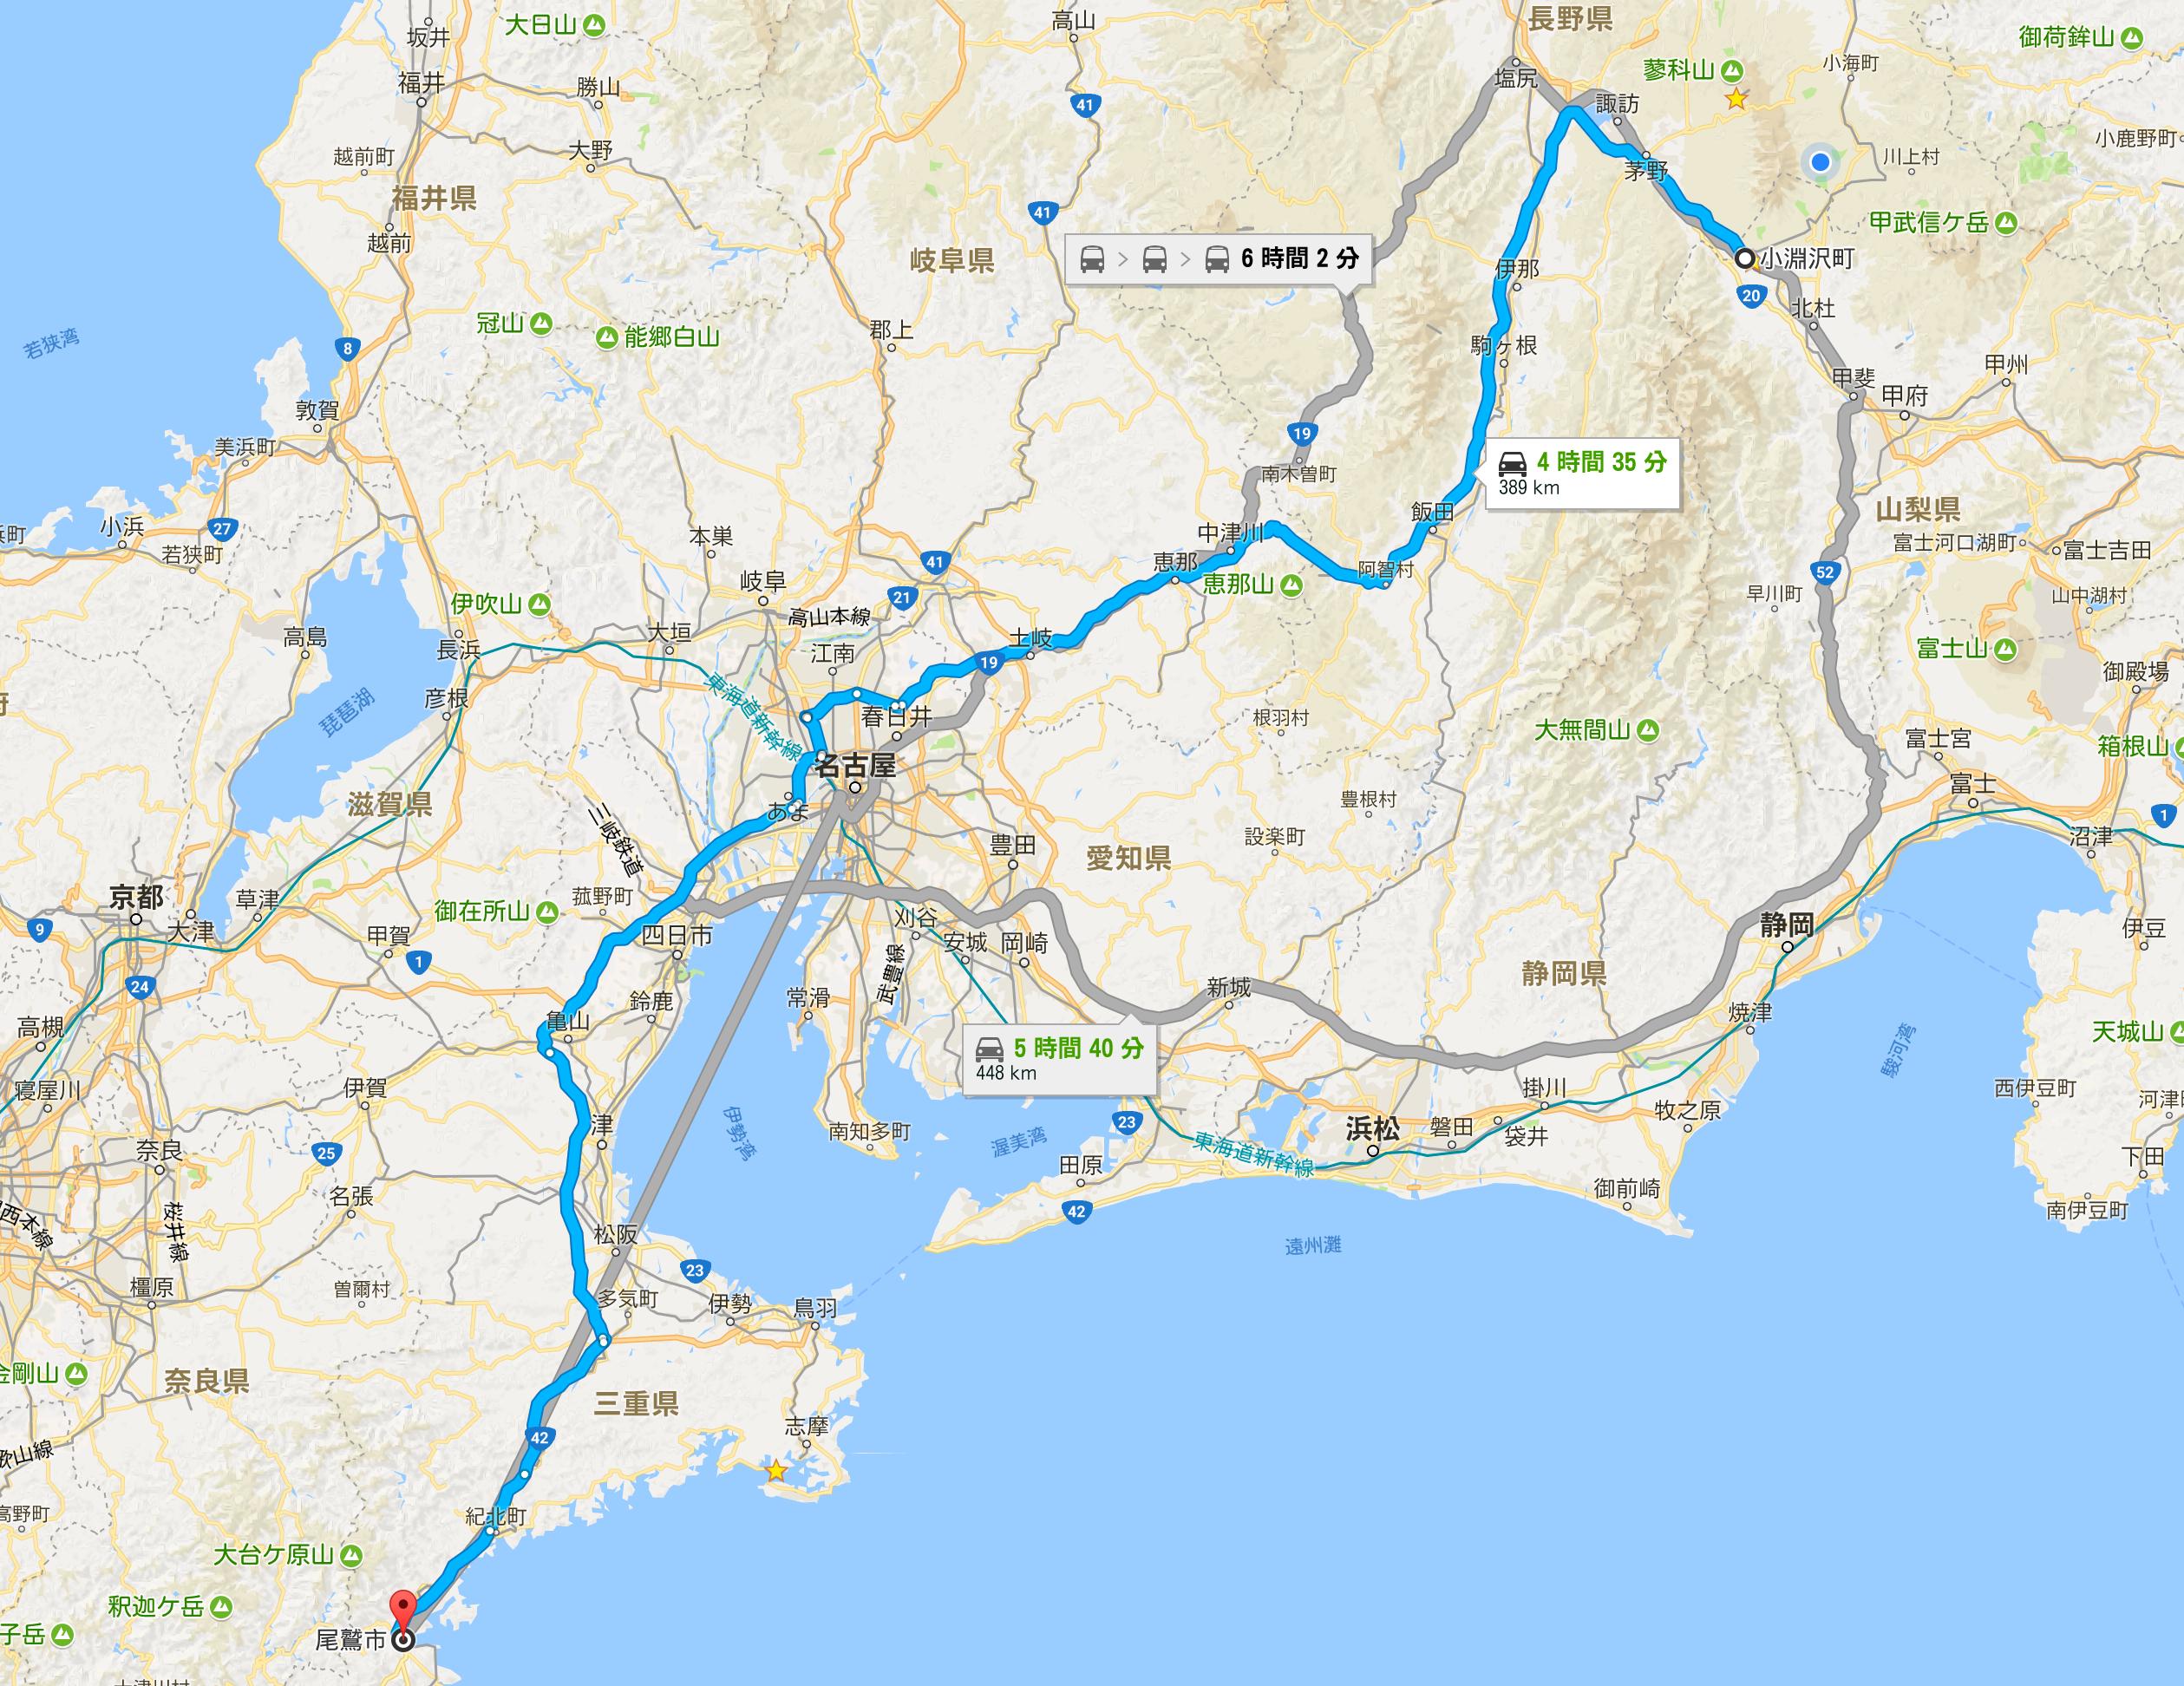 小淵沢町_から_尾鷲市、三重県_-_Google_マップ